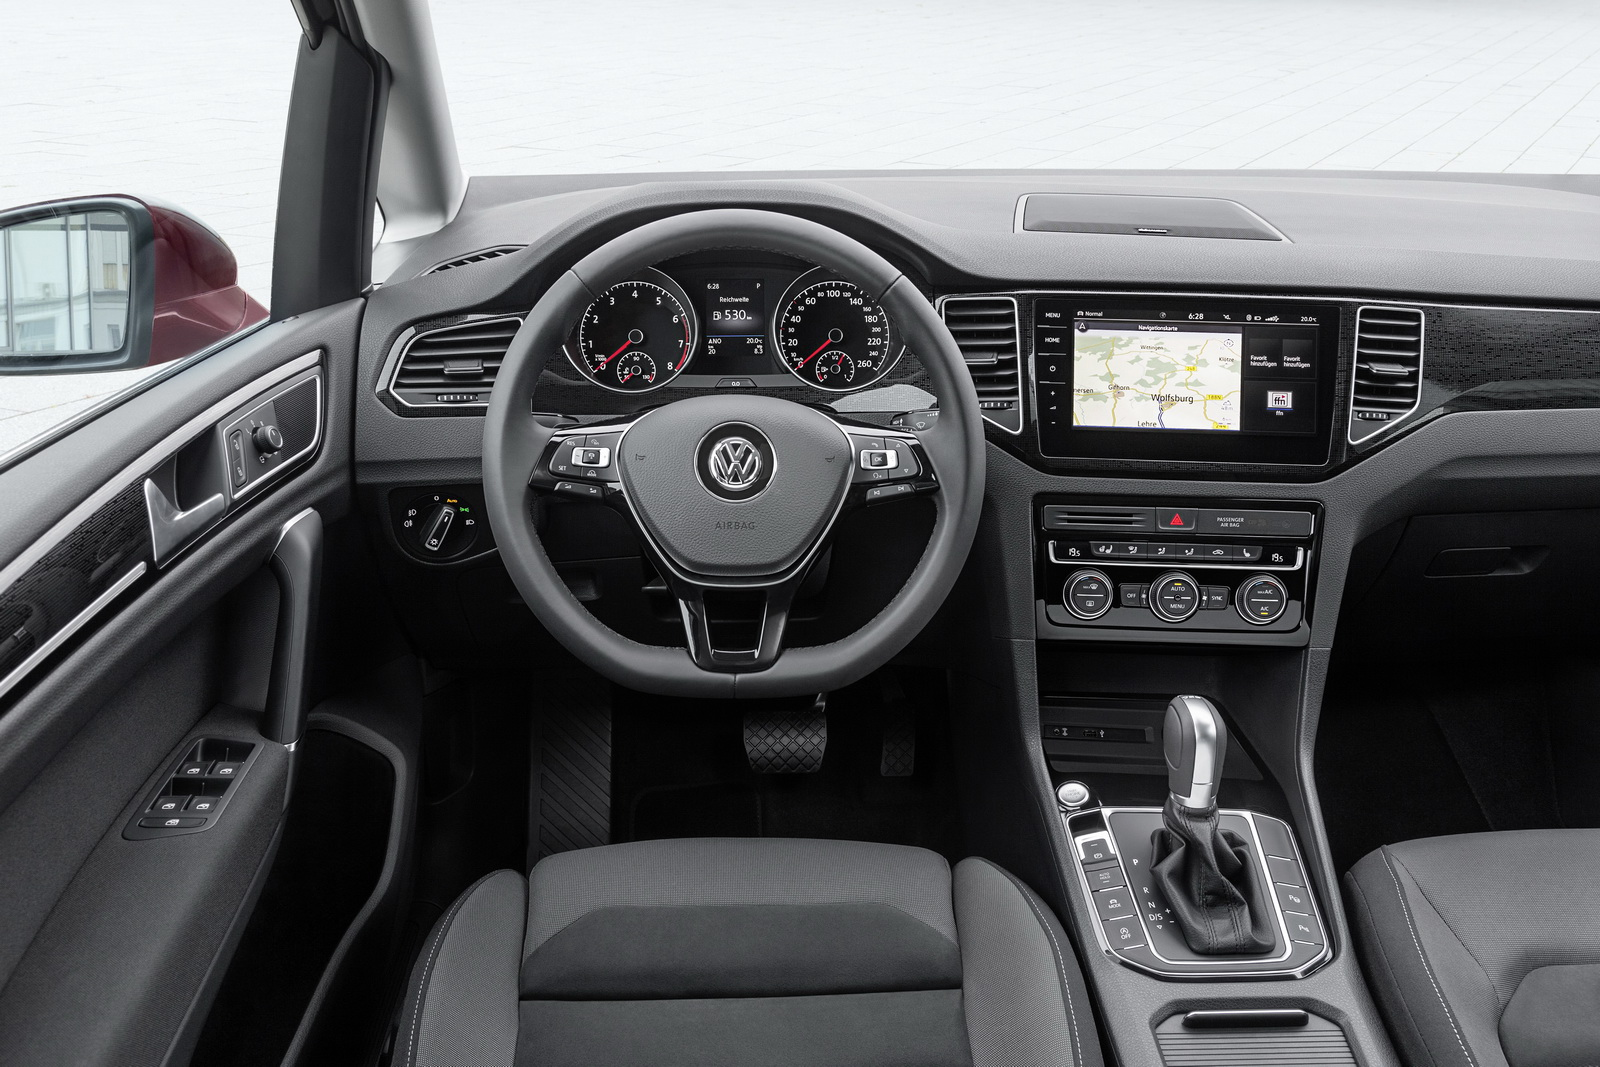 2018_Volkswagen_Golf_Sportsvan_facelift_13